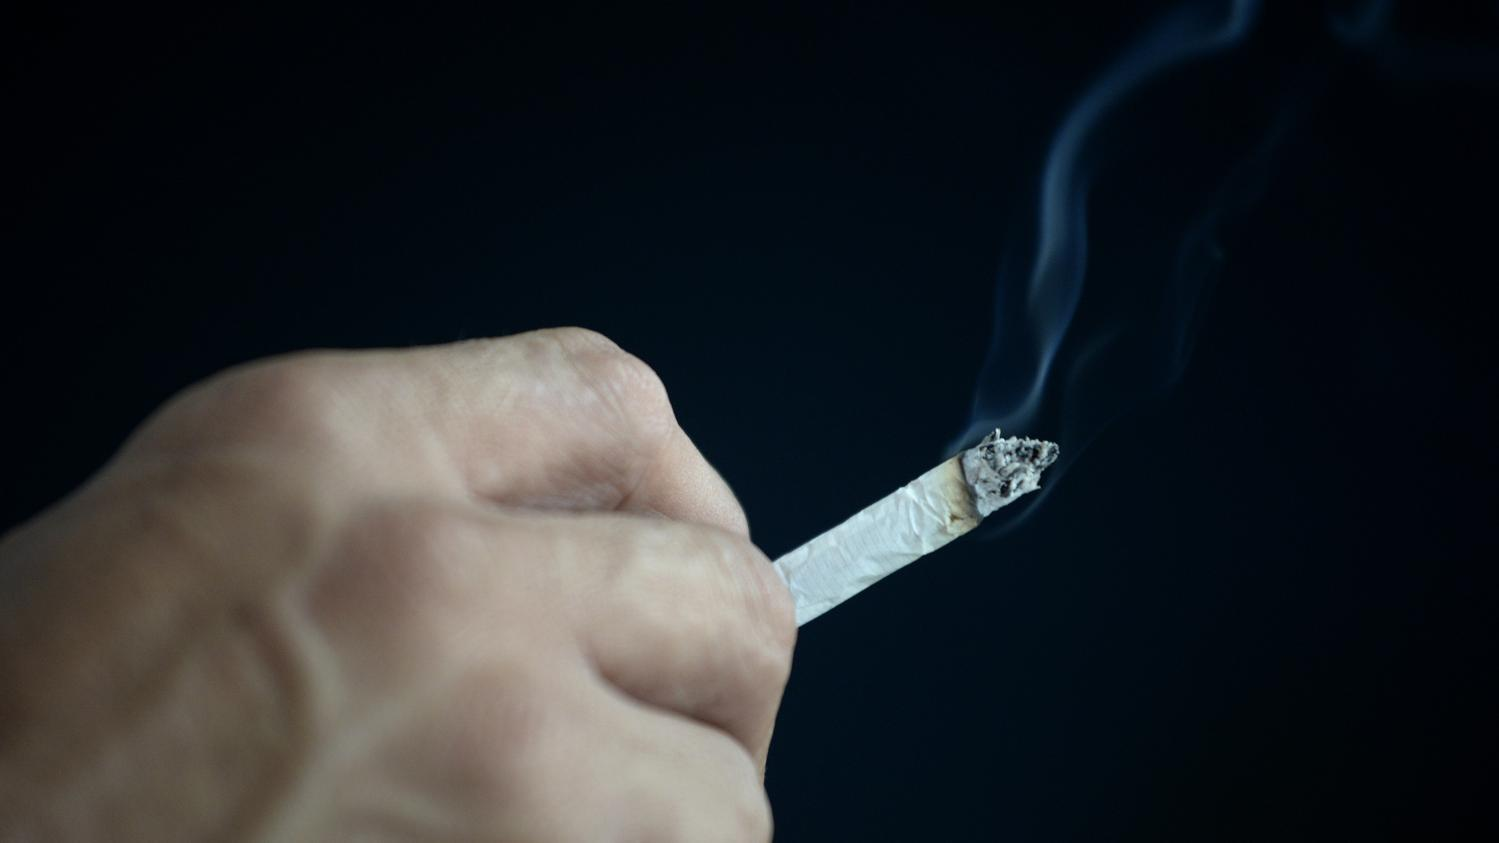 """La nicotine protège-t-elle du Covid-19 ? : """"Il faut rester très prudent"""" car """"il n'y a que quelques études"""", juge une tabacologue"""